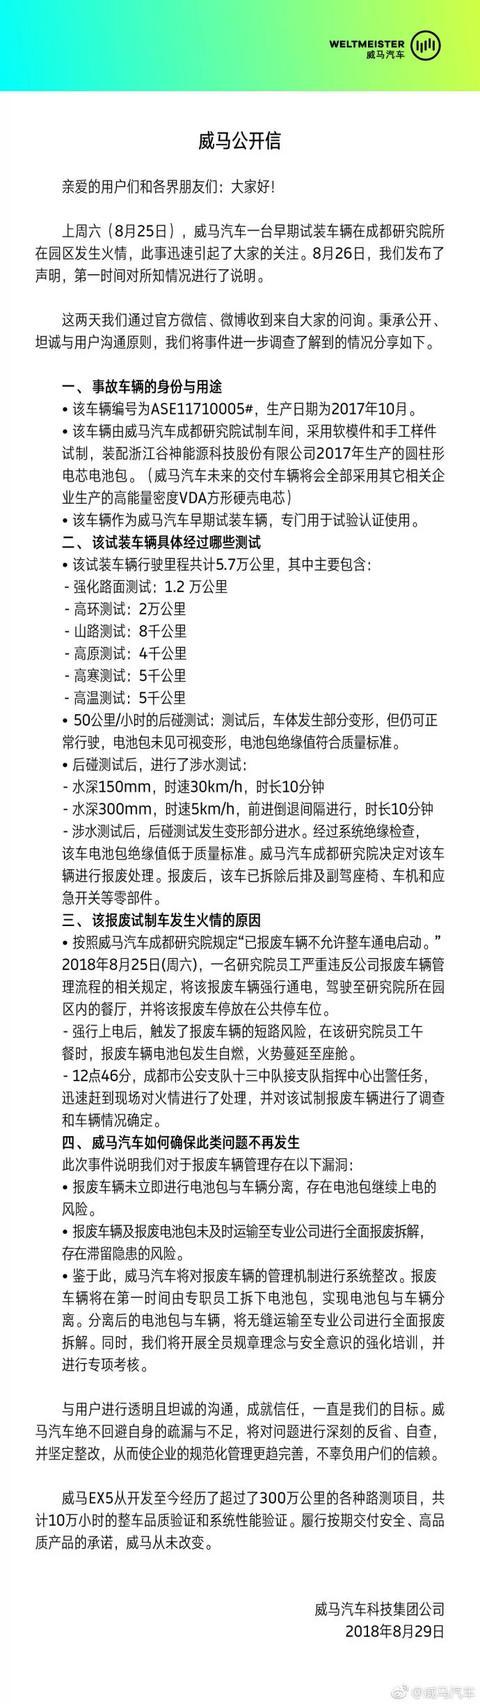 威马EX5起火事件,官方详细报告出炉